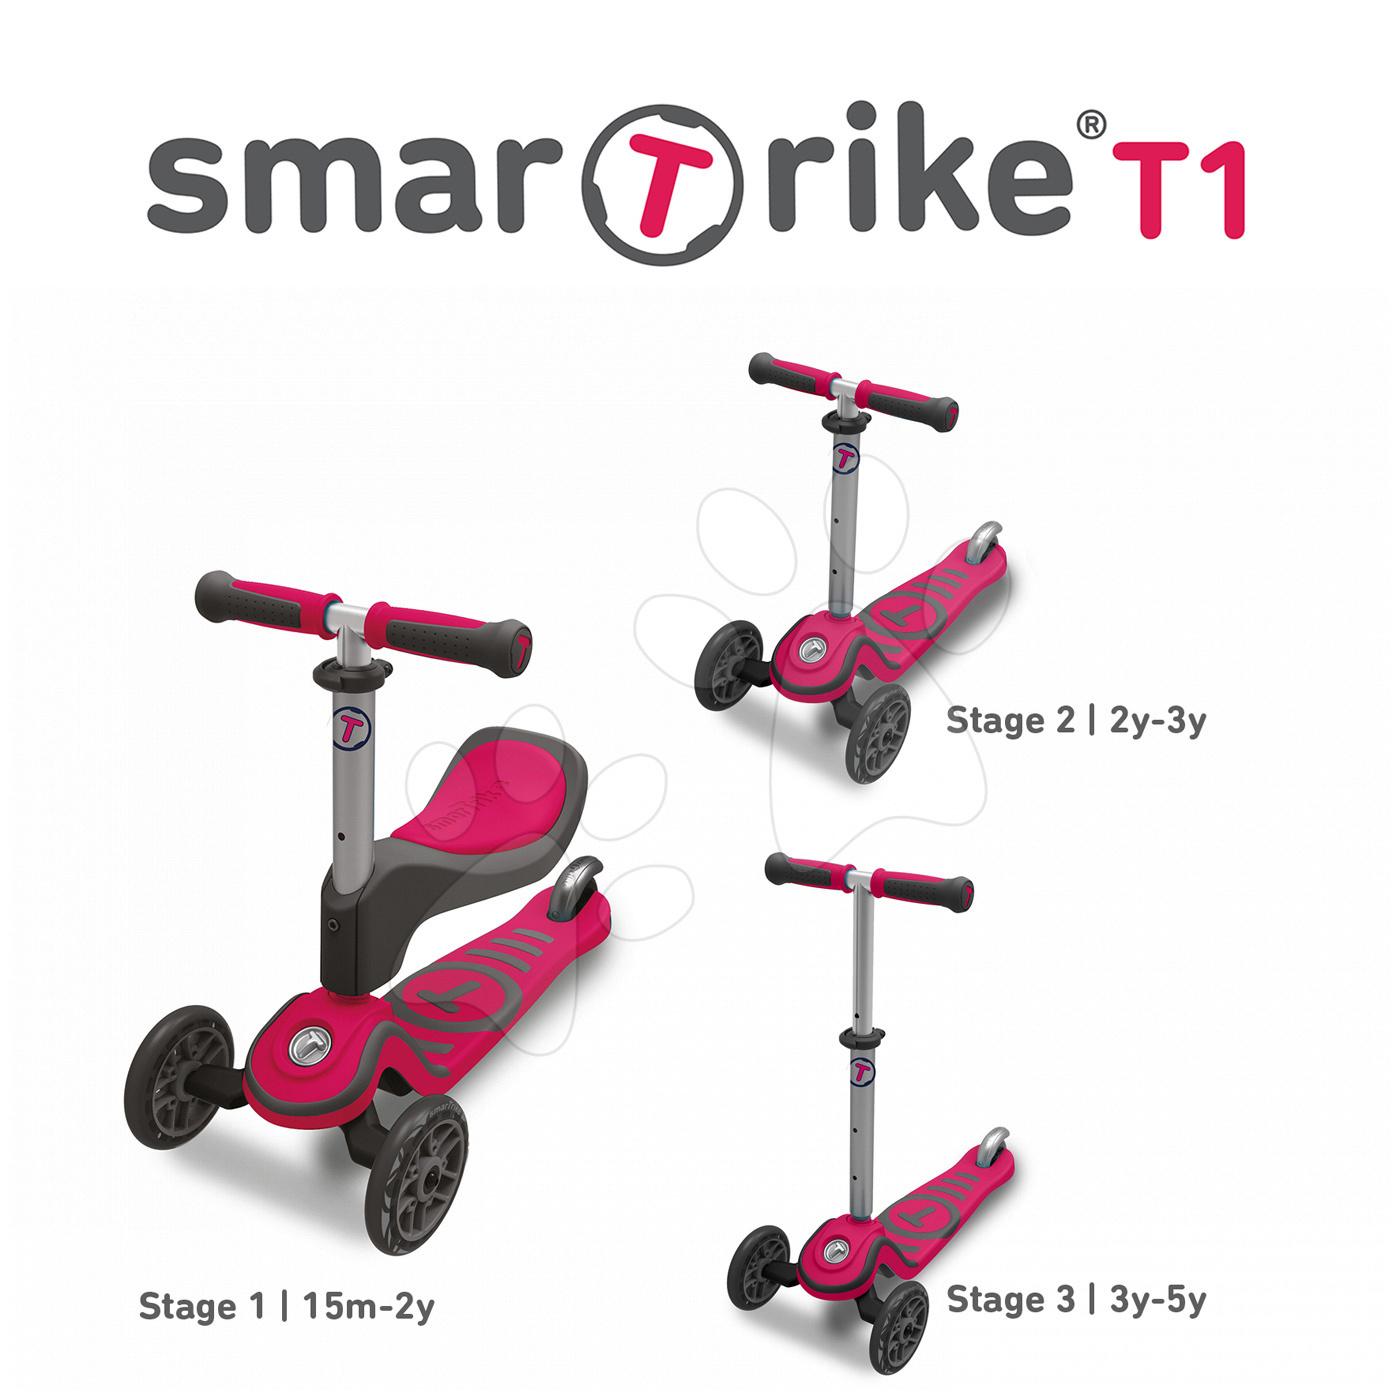 Trotinetă şi babytaxiu T1 smarTrike 3in1 cu sistem T-lock, cu scaun reglabil şi cu ghidon gri-roz de la 15 luni